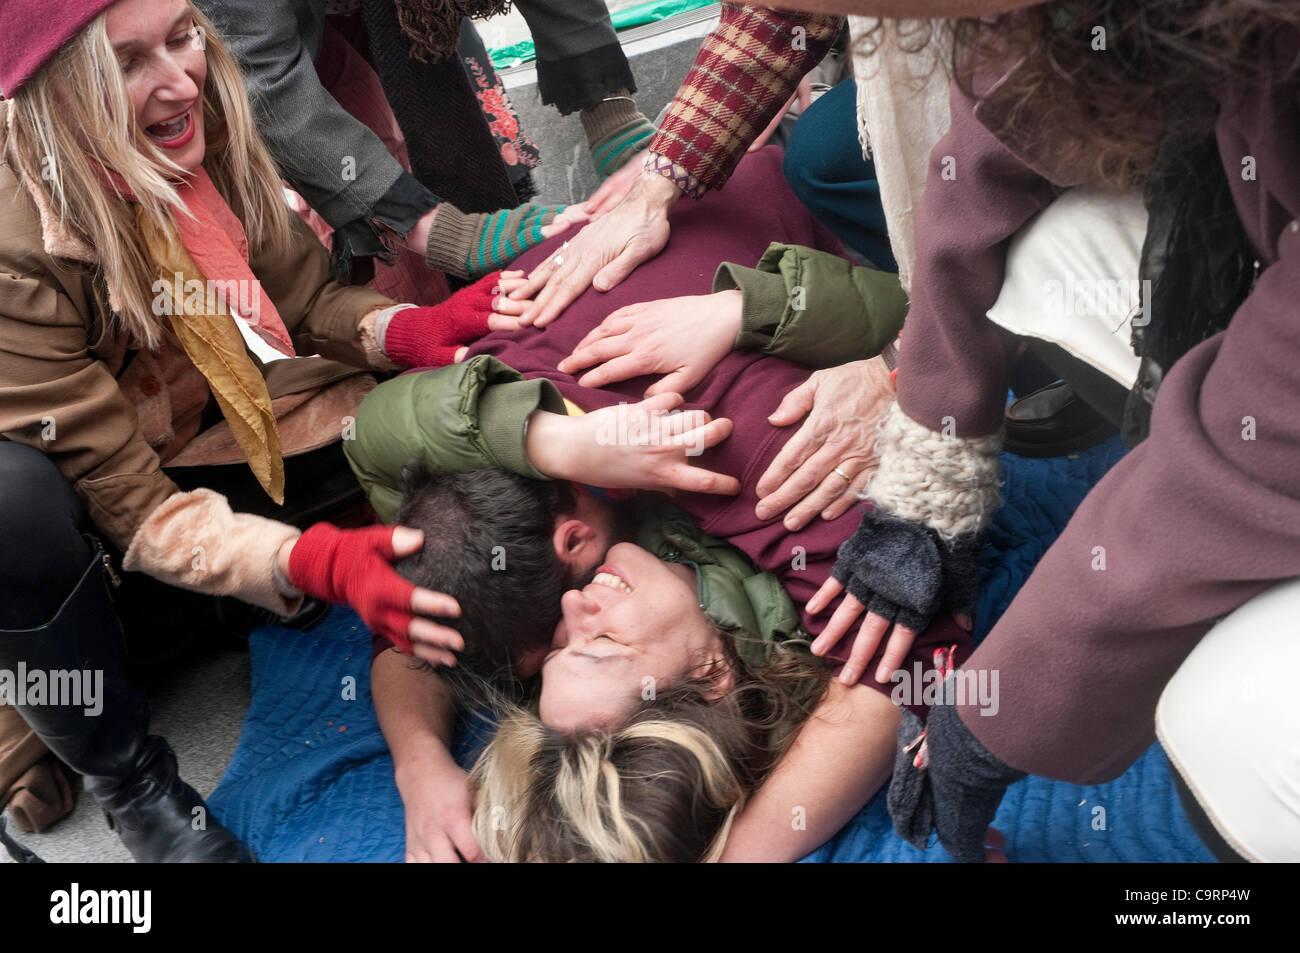 """New York, NY - 14 de febrero de 2012 Occupy Wall Street el Día de San Valentín 'Bed-In"""" titulado Imagen De Stock"""